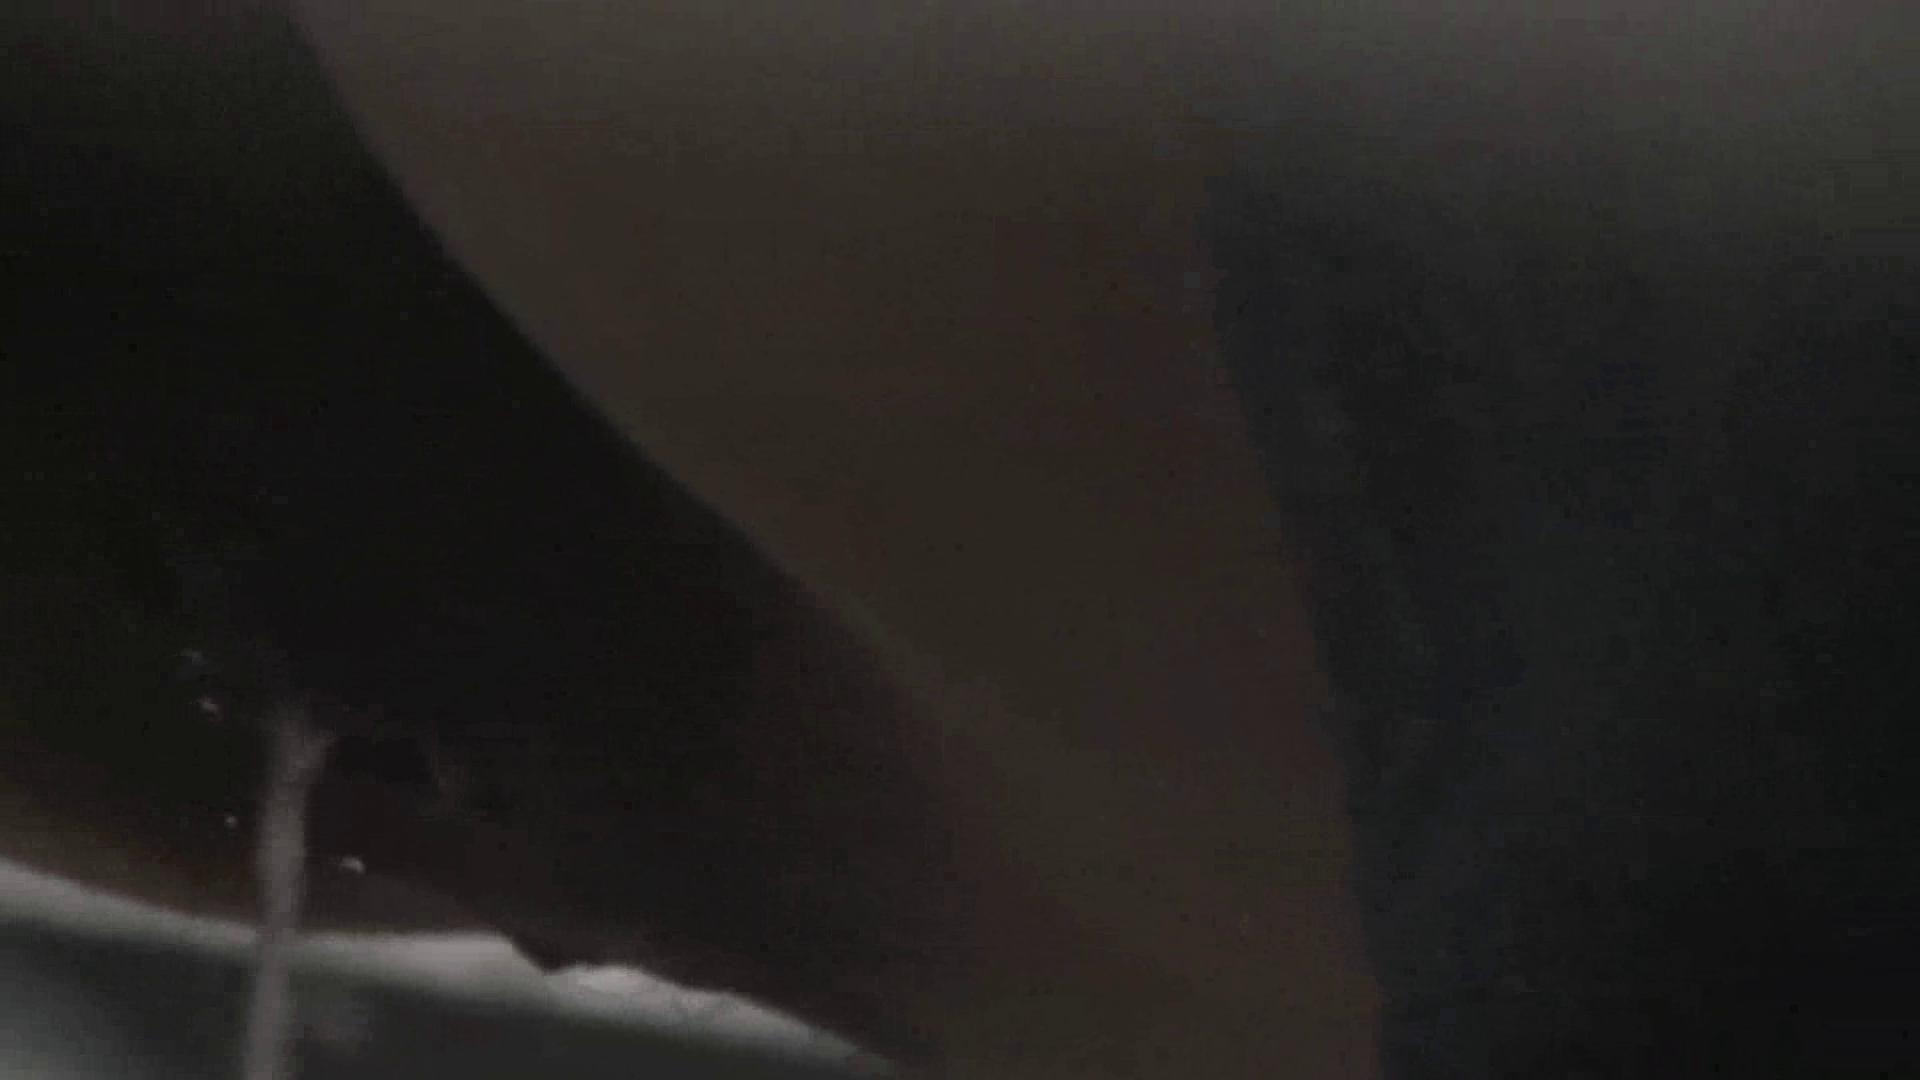 マンコ丸見え女子洗面所Vol.45 丸見え AV無料動画キャプチャ 76連発 4